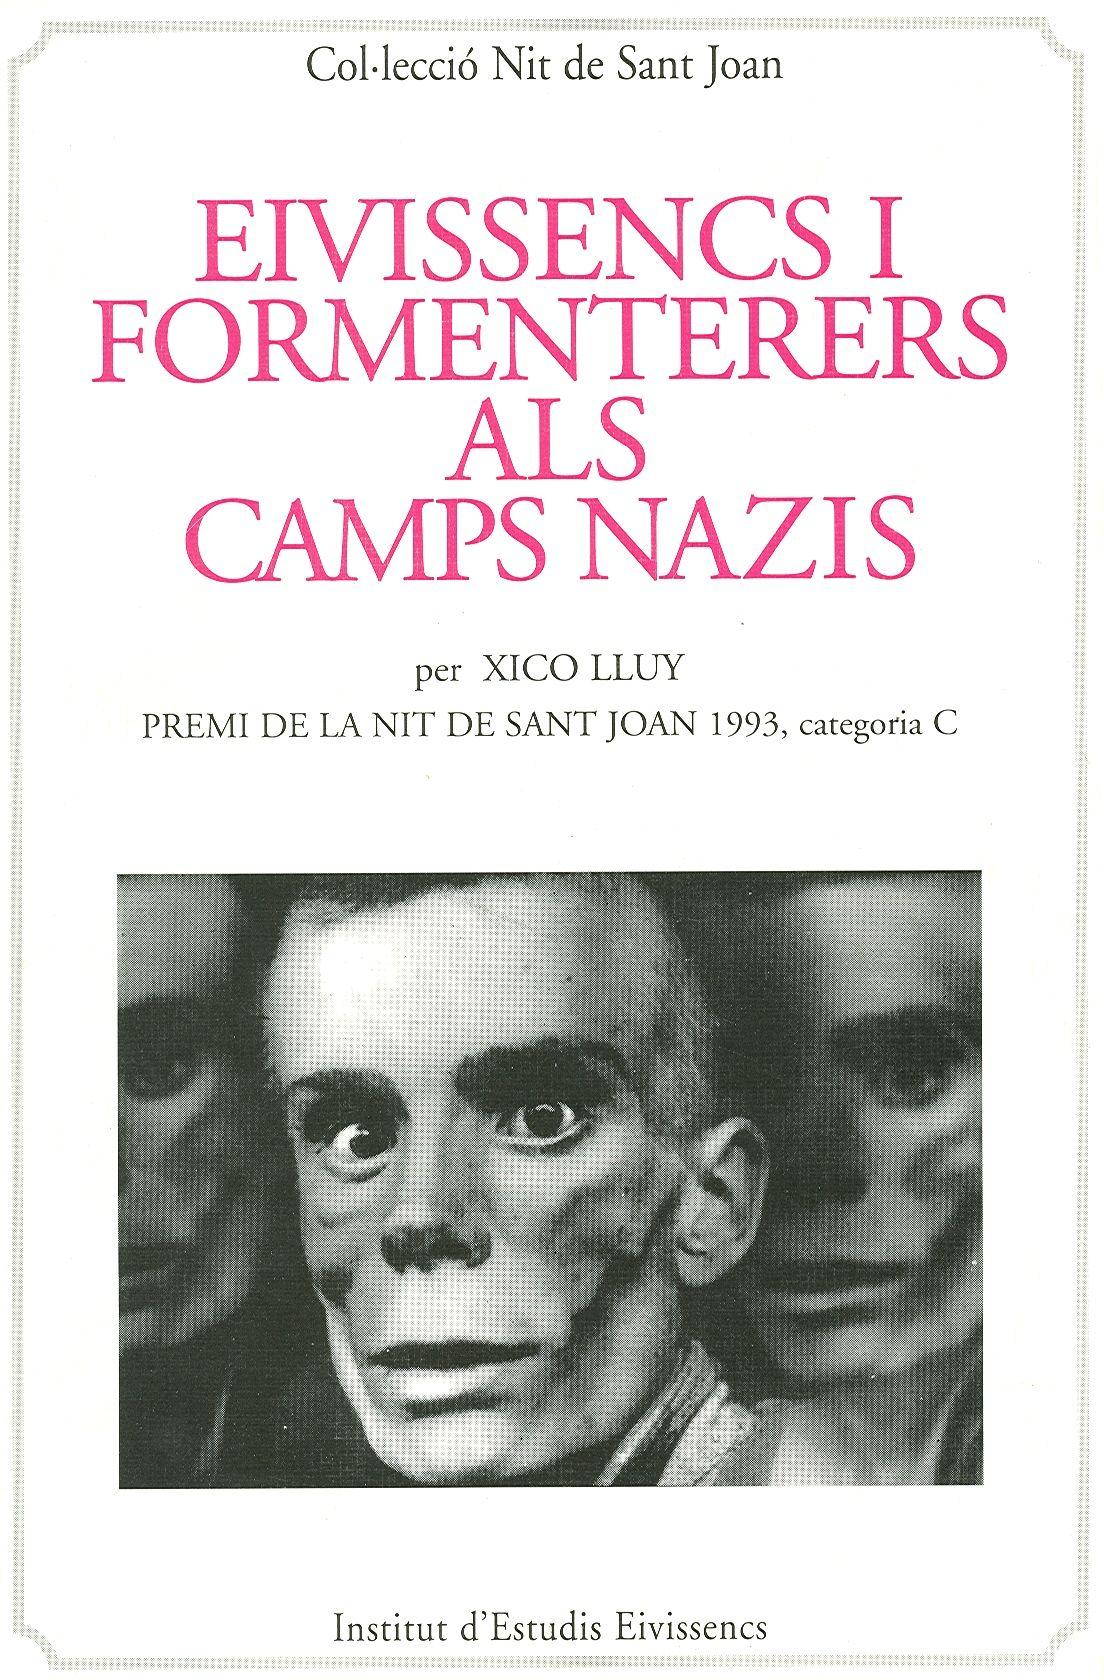 Eivissencs i Formenterers als camps nazis